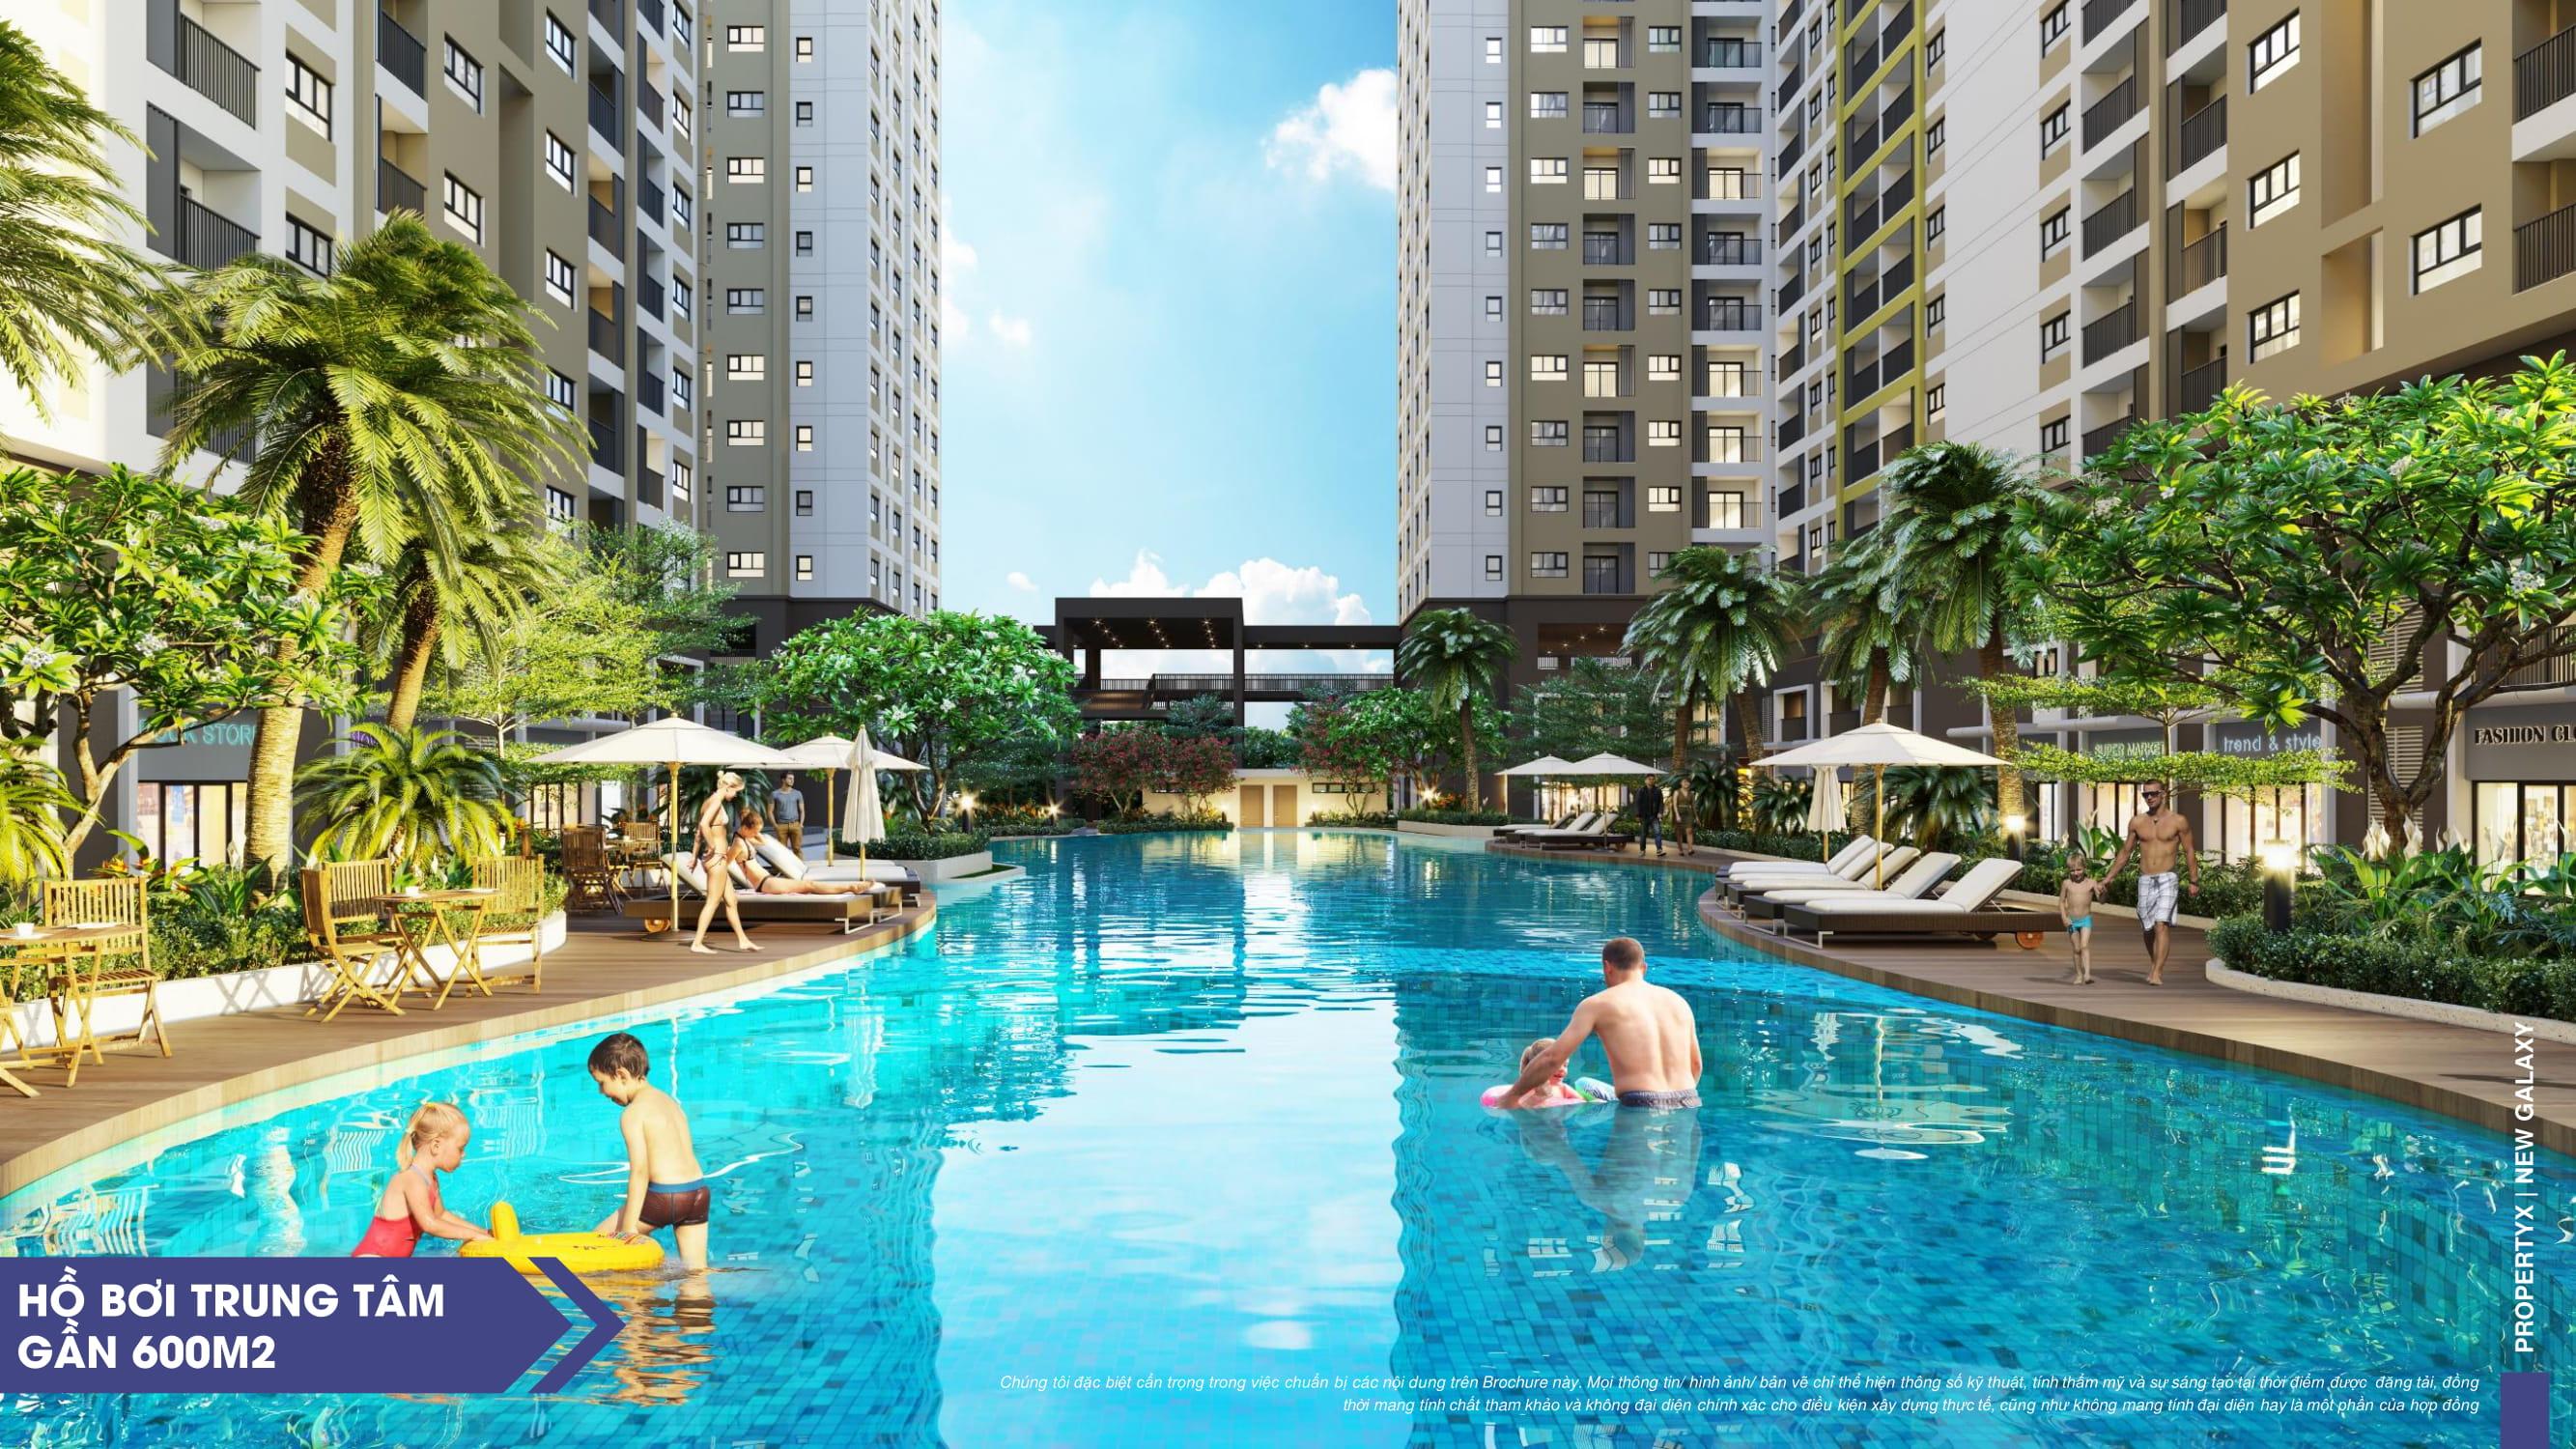 Hồ bơi nội khu dự án căn hộ New Galaxy